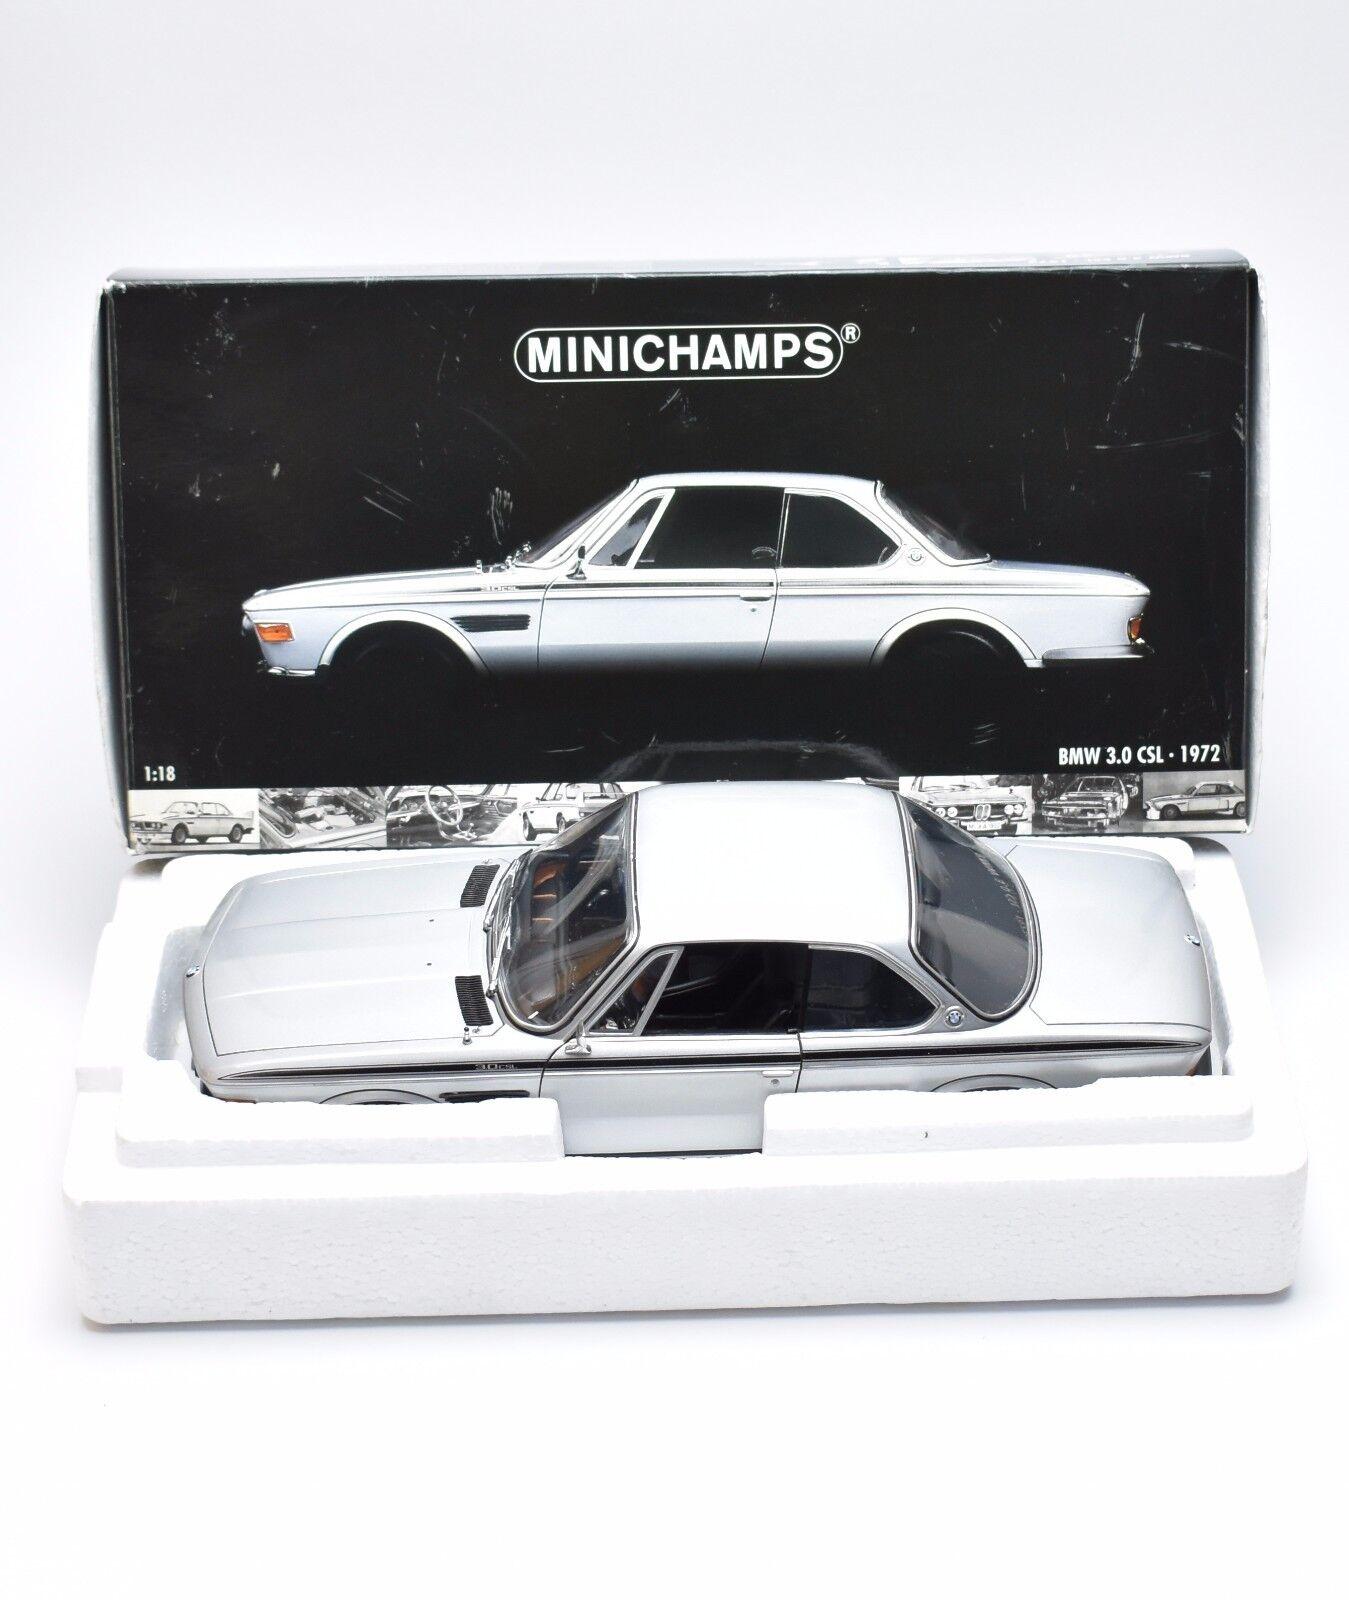 mejor oferta Minichamps 180029020 bmw bmw bmw 3.0 CSL año 1972 en plata lacados, 1 18, embalaje original, k025  Nuevos productos de artículos novedosos.